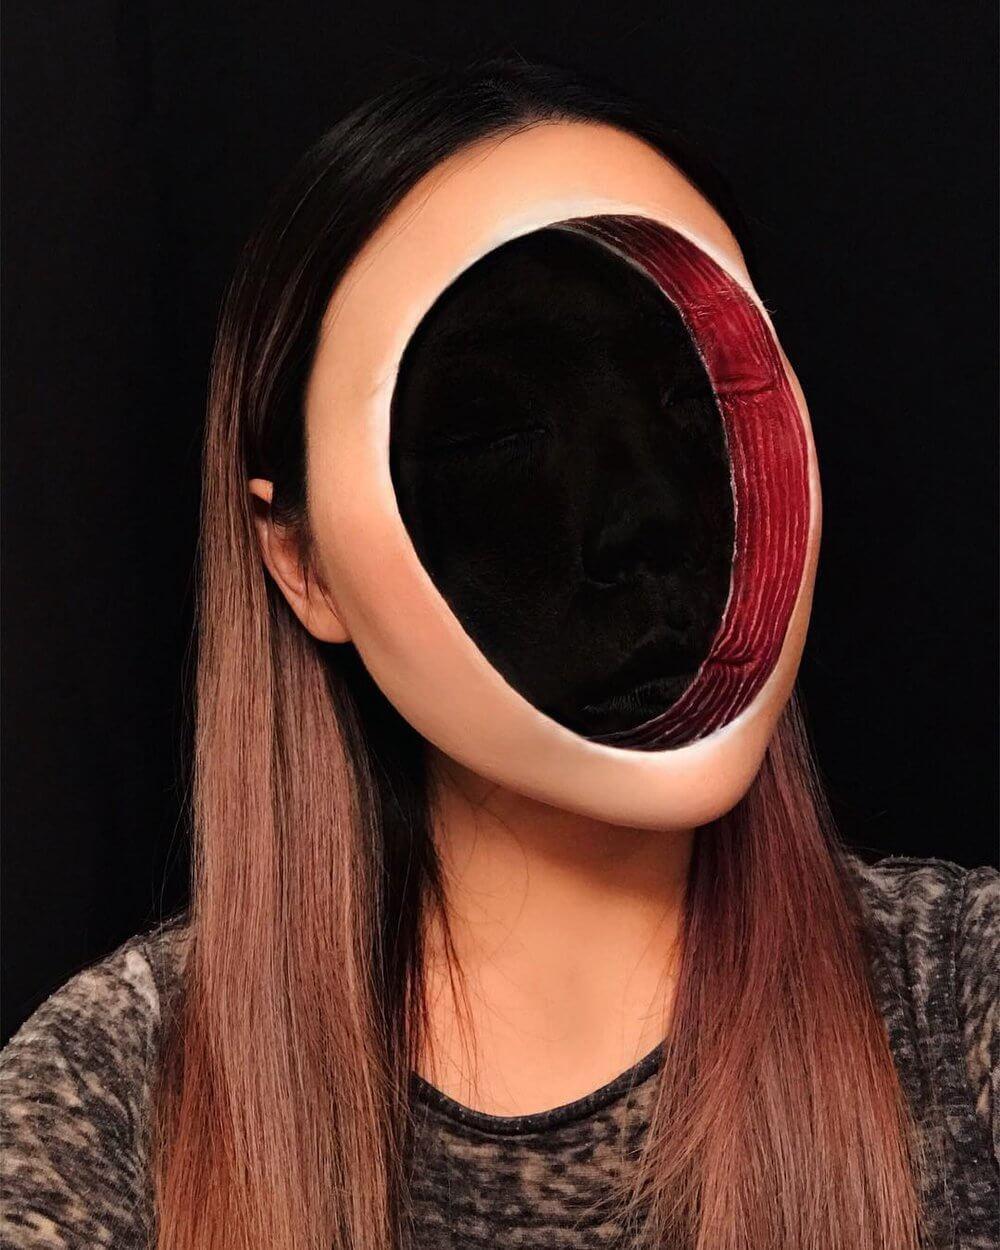 mimi makeup portraits 13 (1)